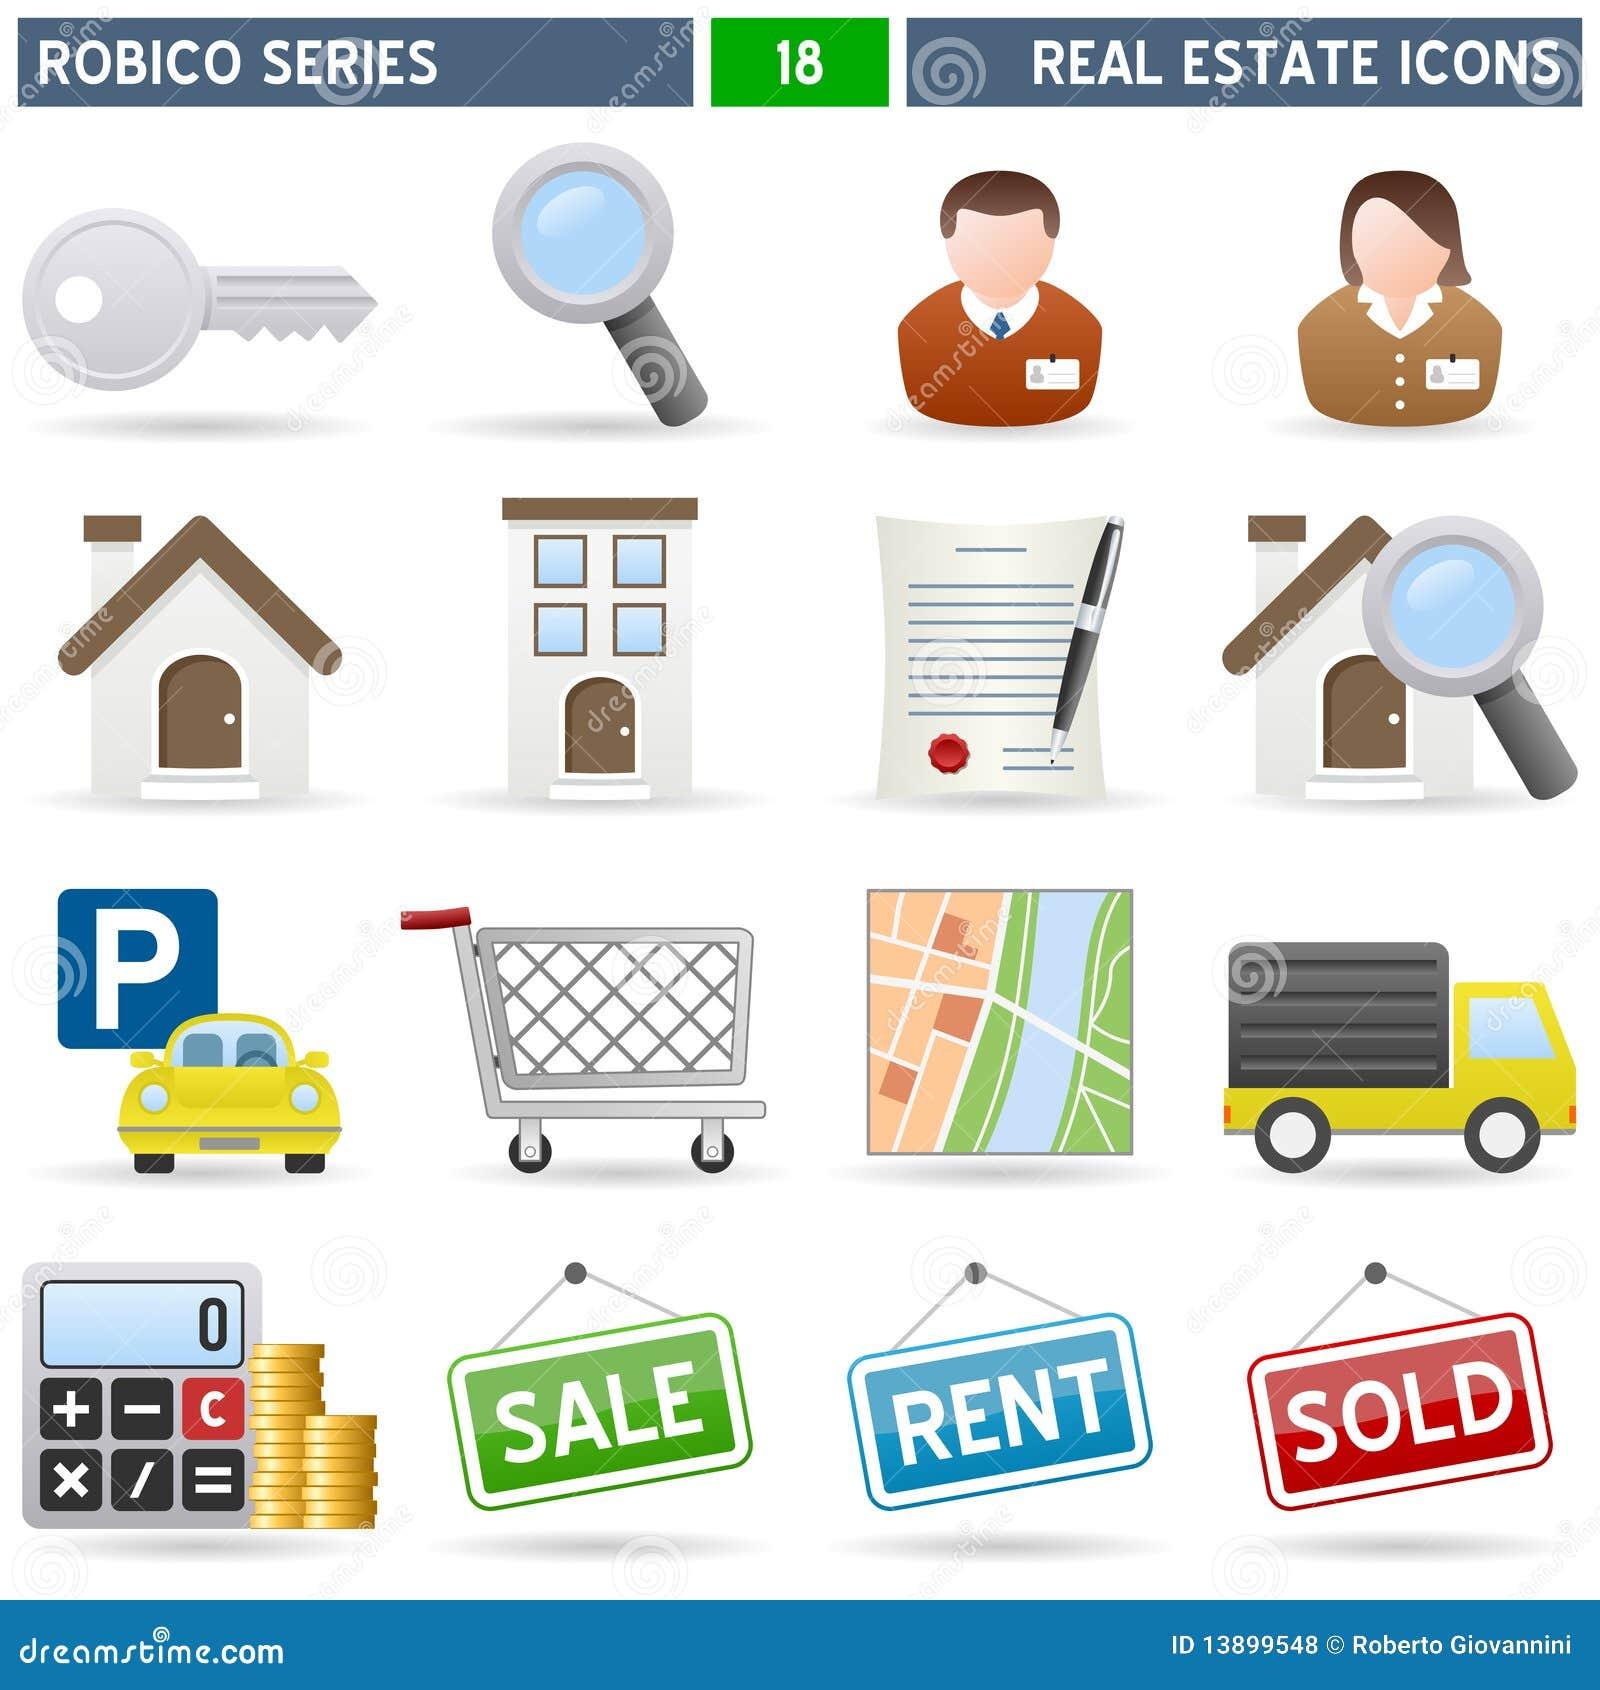 Iconos de las propiedades inmobiliarias - serie de Robico